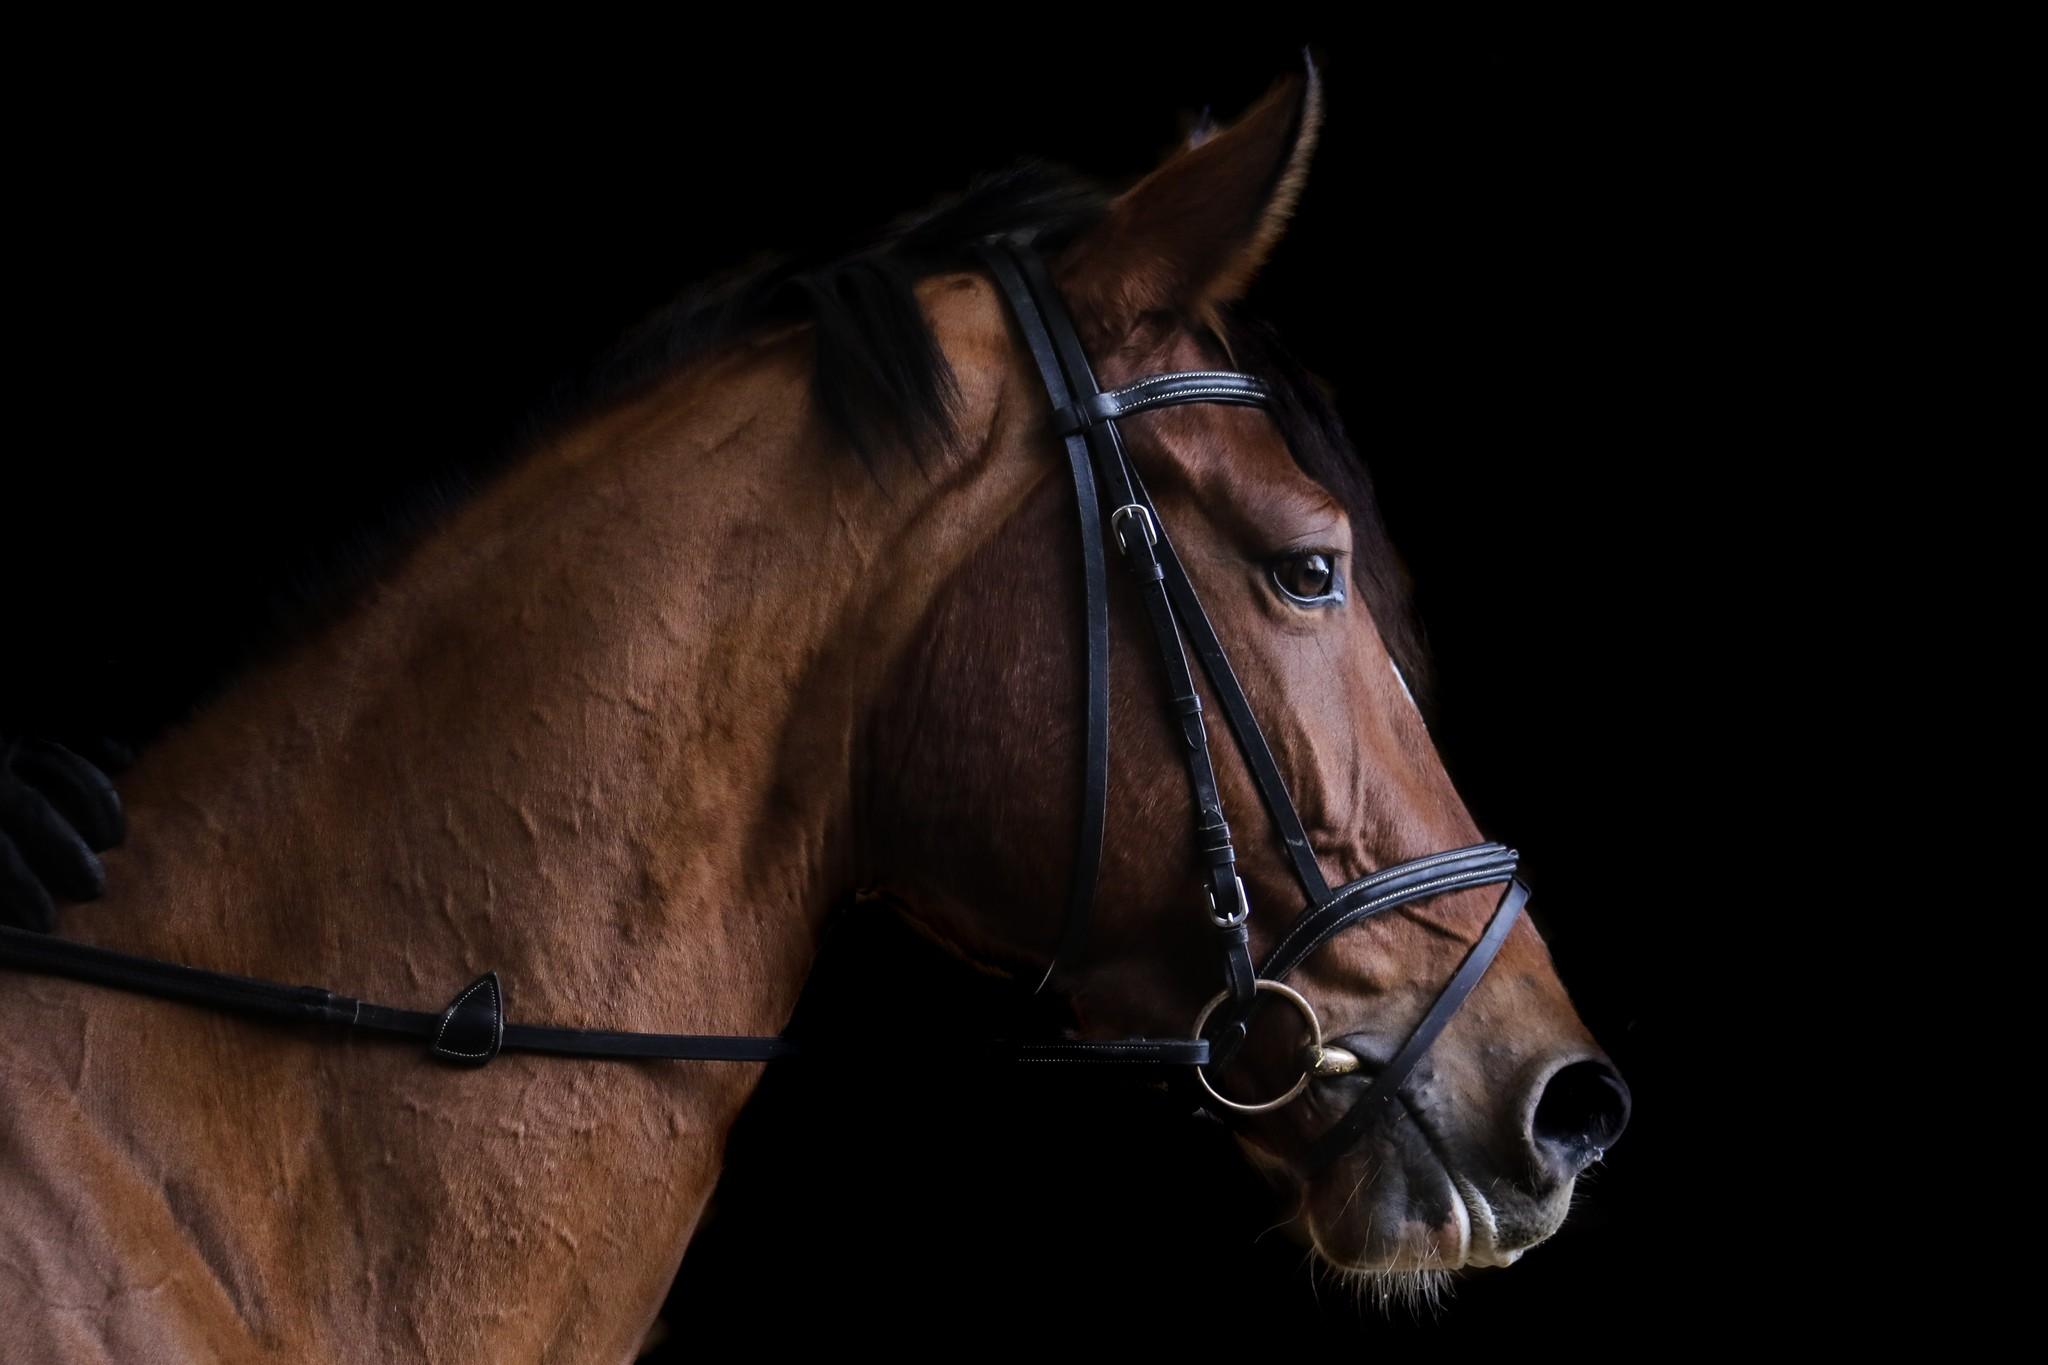 Dit zijn dé hebbedingetjes die u moet hebben voor uw paard